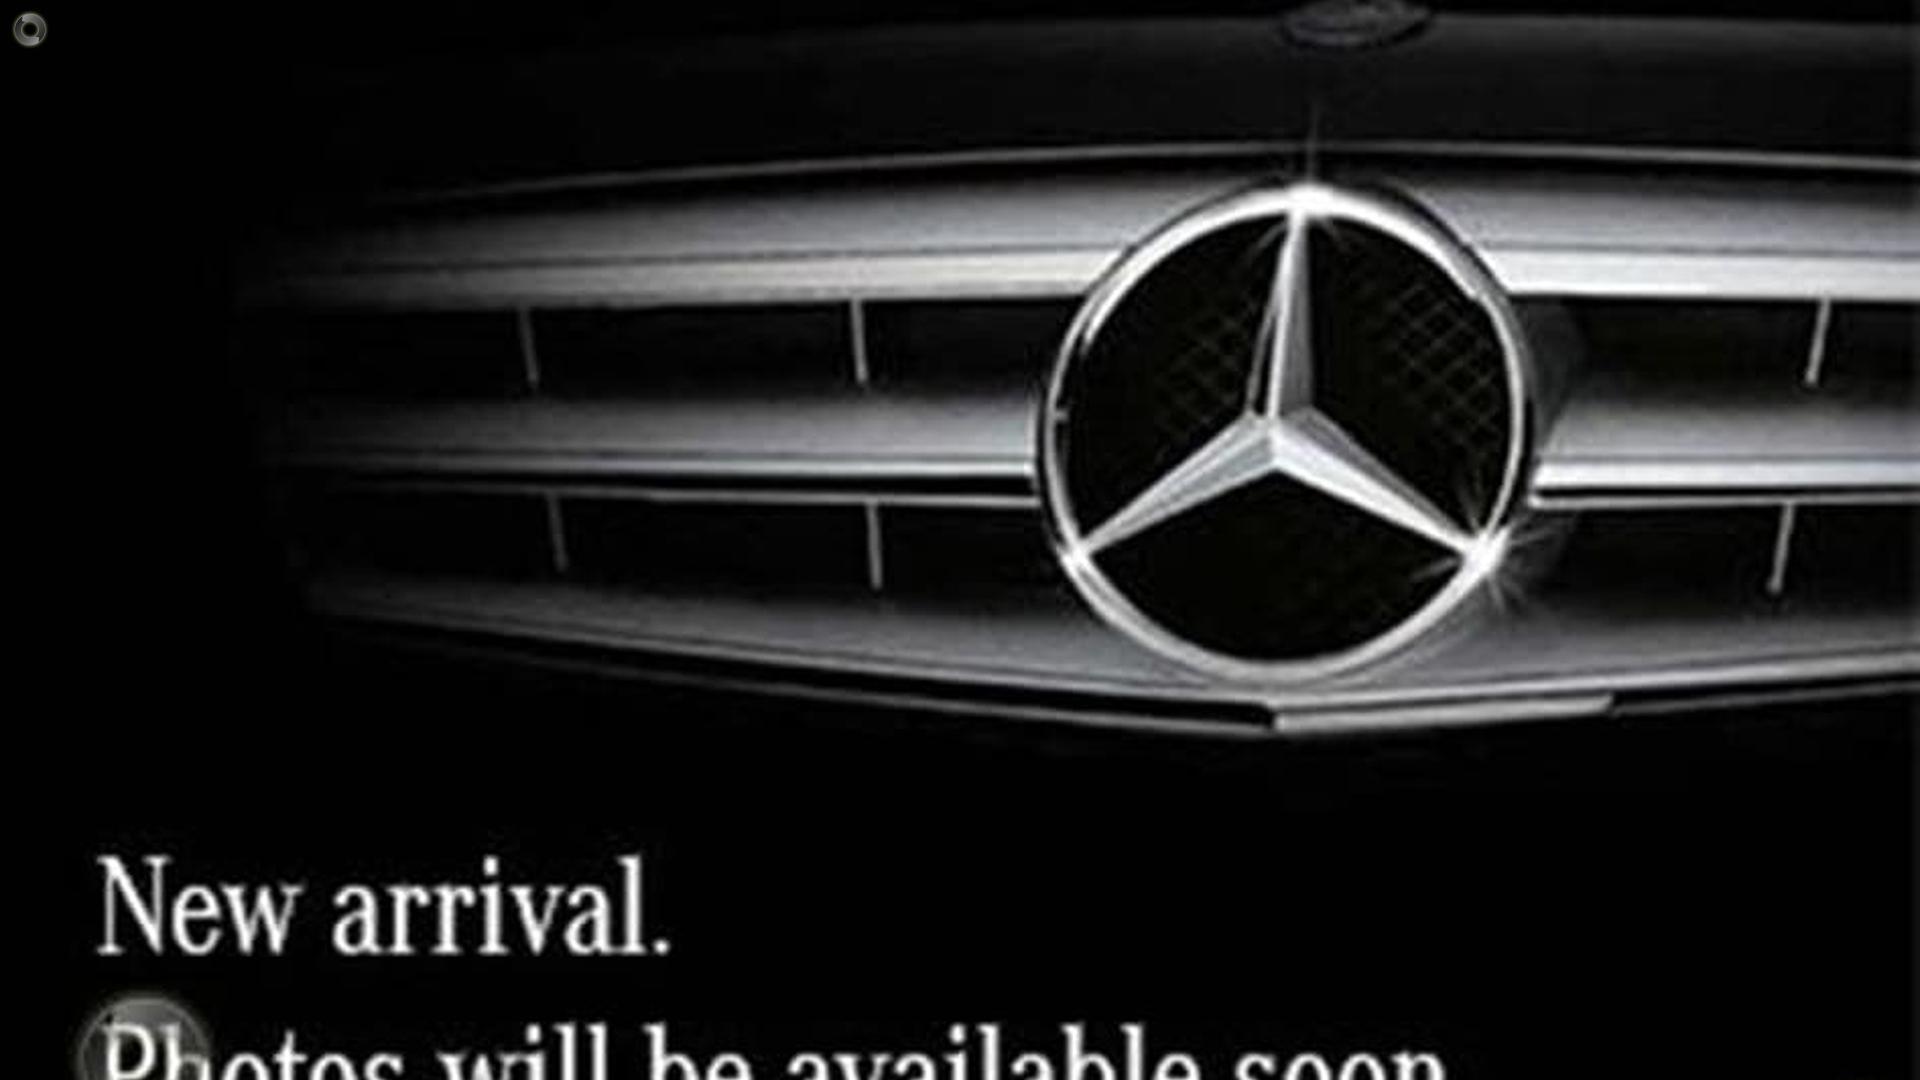 2015 Mercedes-Benz CLA 200 CDI Coupe